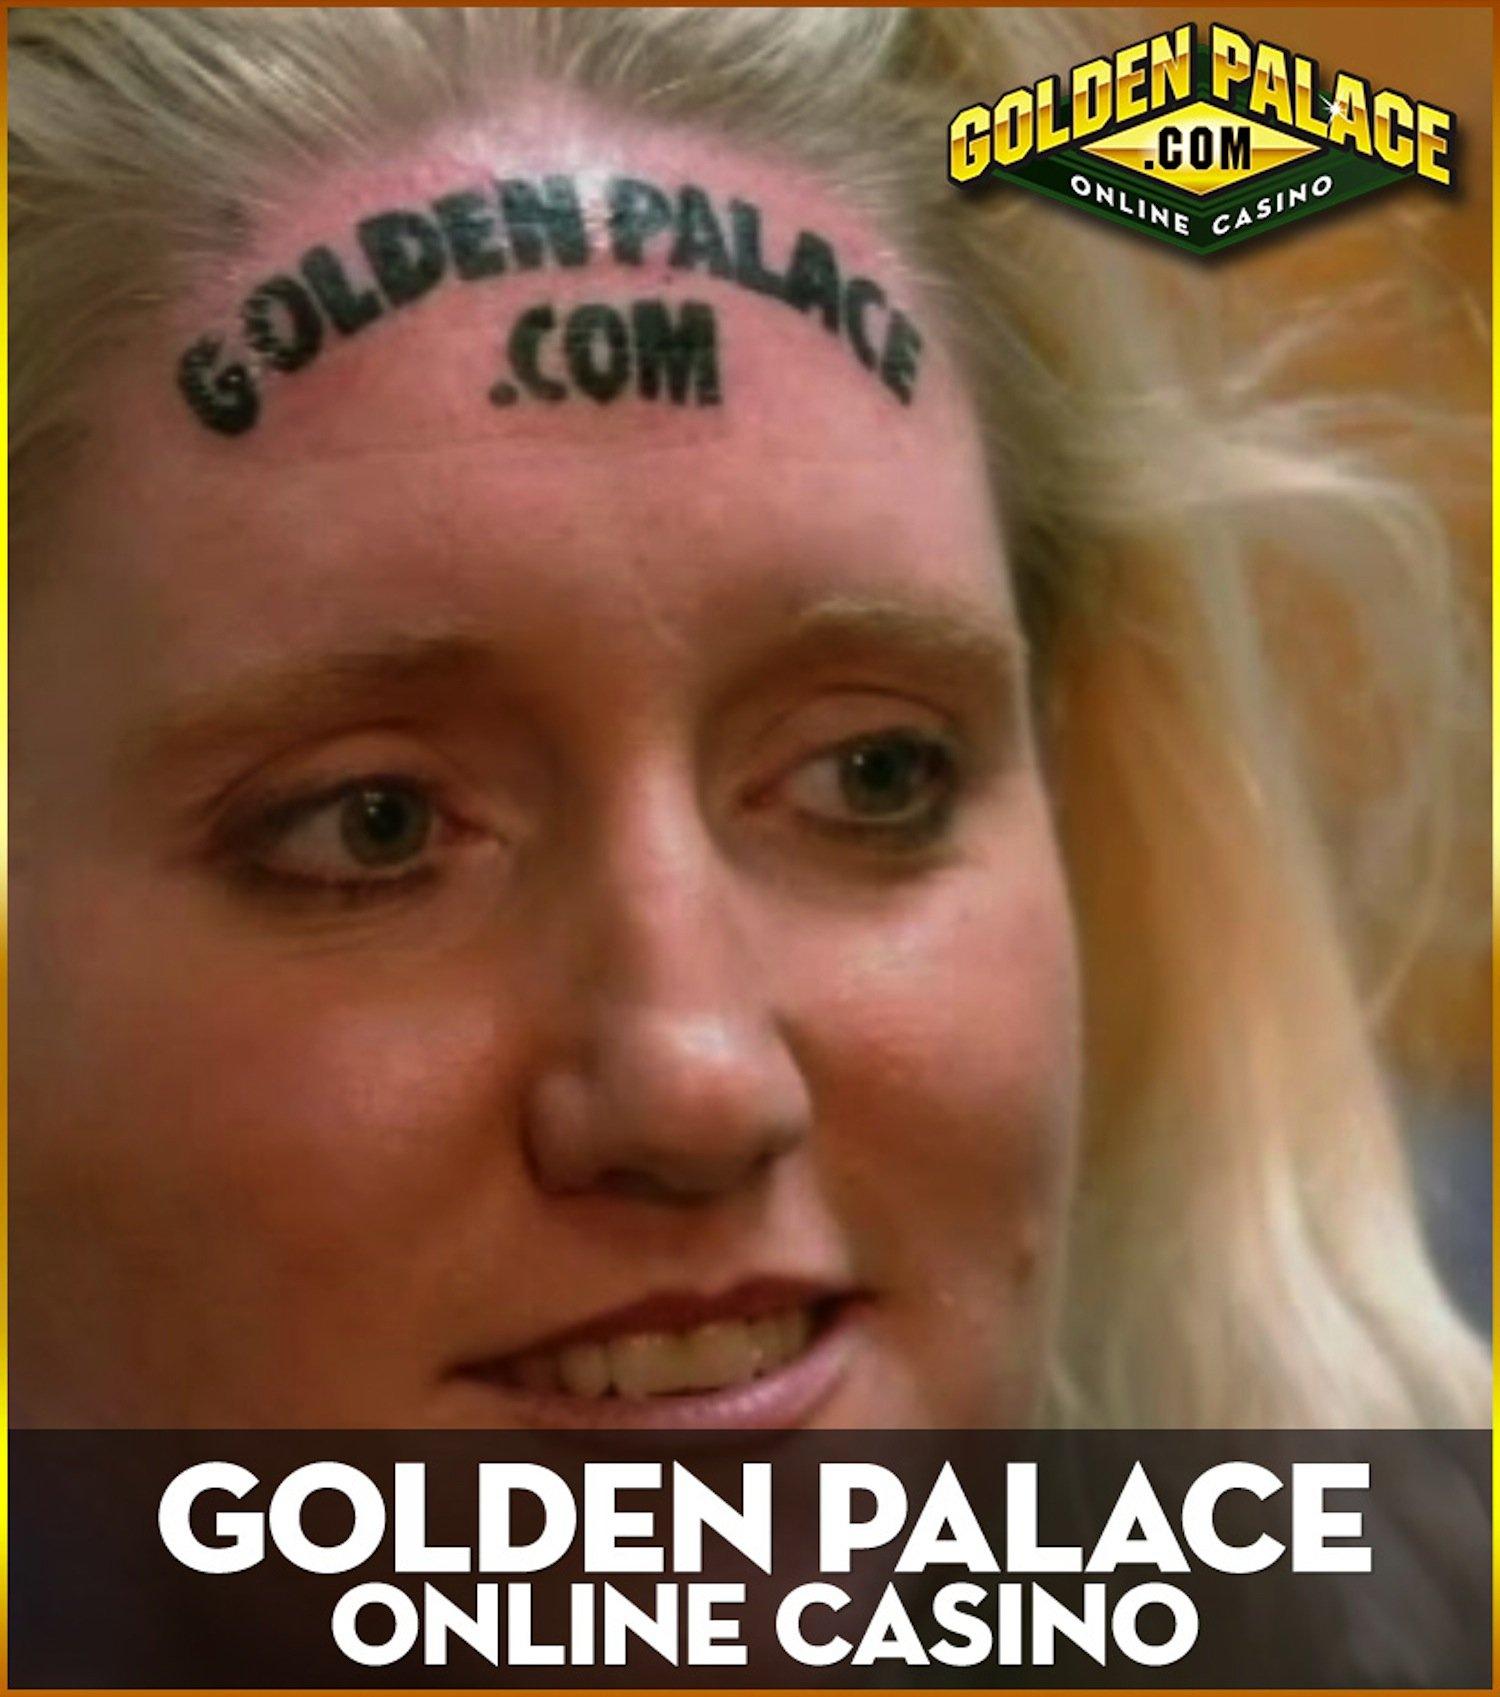 Für 10.000 $ ließ sich Karolyne Smith die Internetadresse des Online-Casinos Golden Palace auf die Stirn tätowieren.